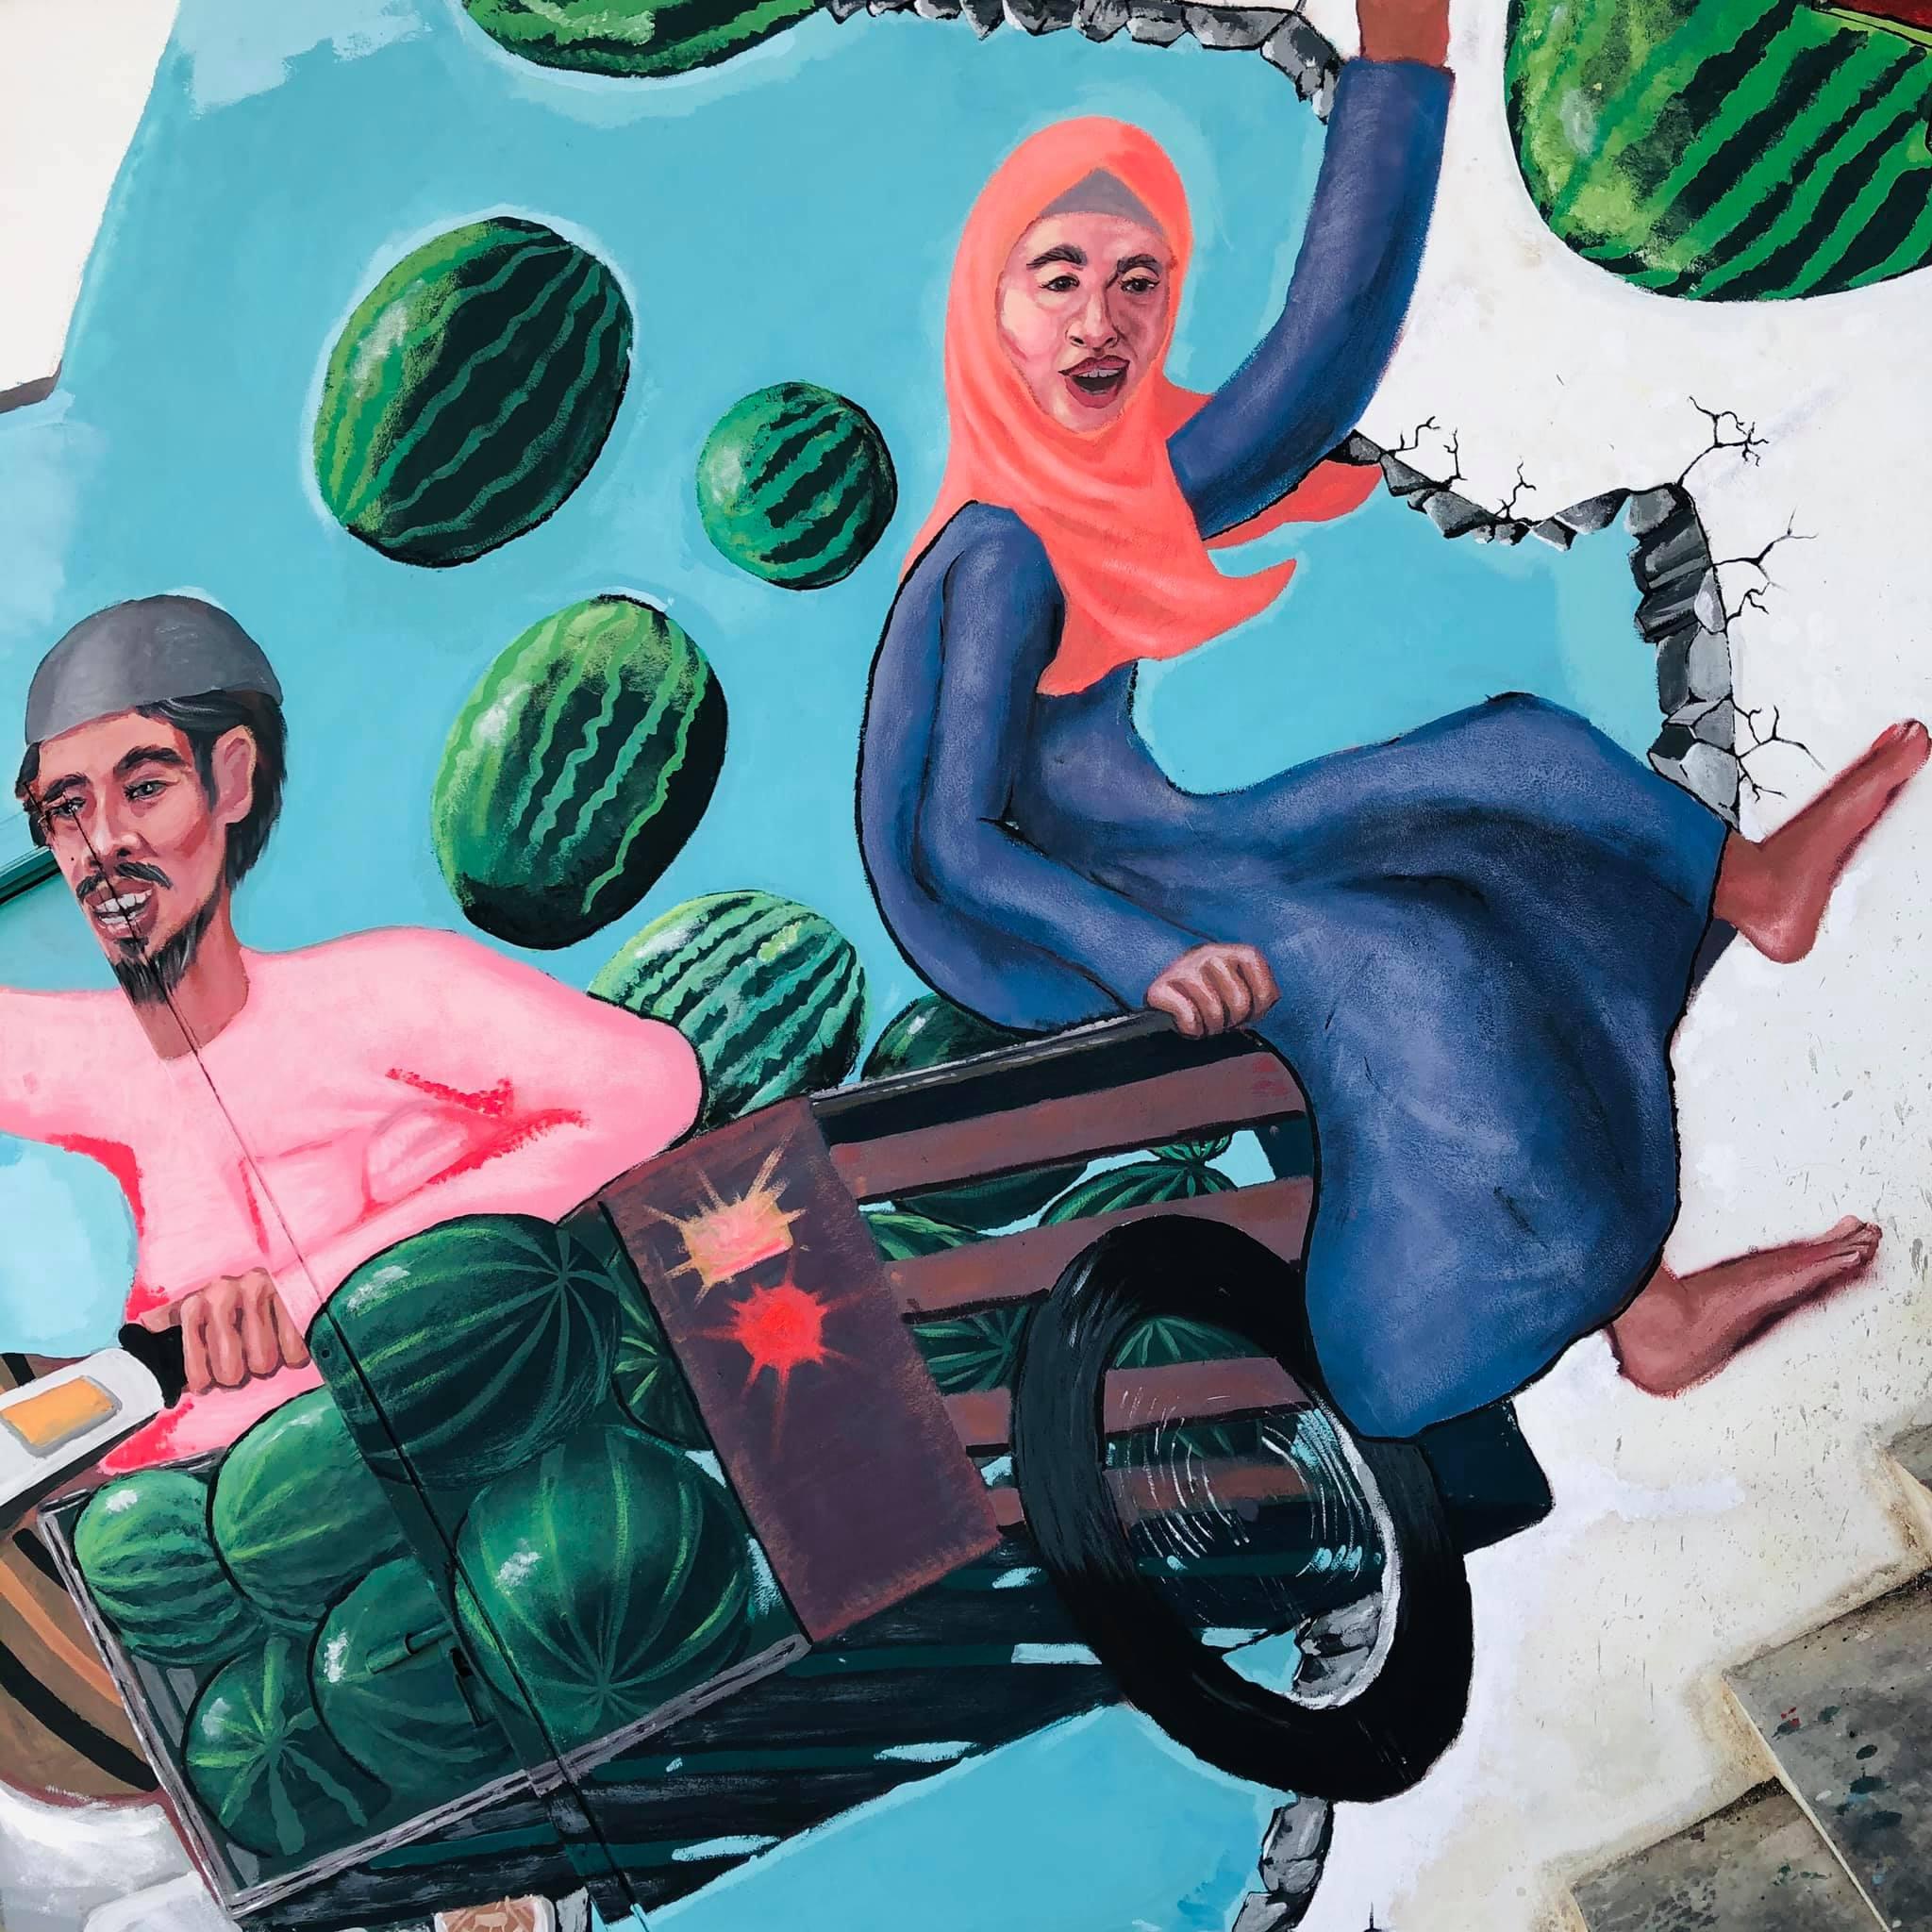 เสร็จแล้ว Street Art จุดแลนด์มาร์คแห่งใหม่ของอำเภอเทพา จ.สงขลา